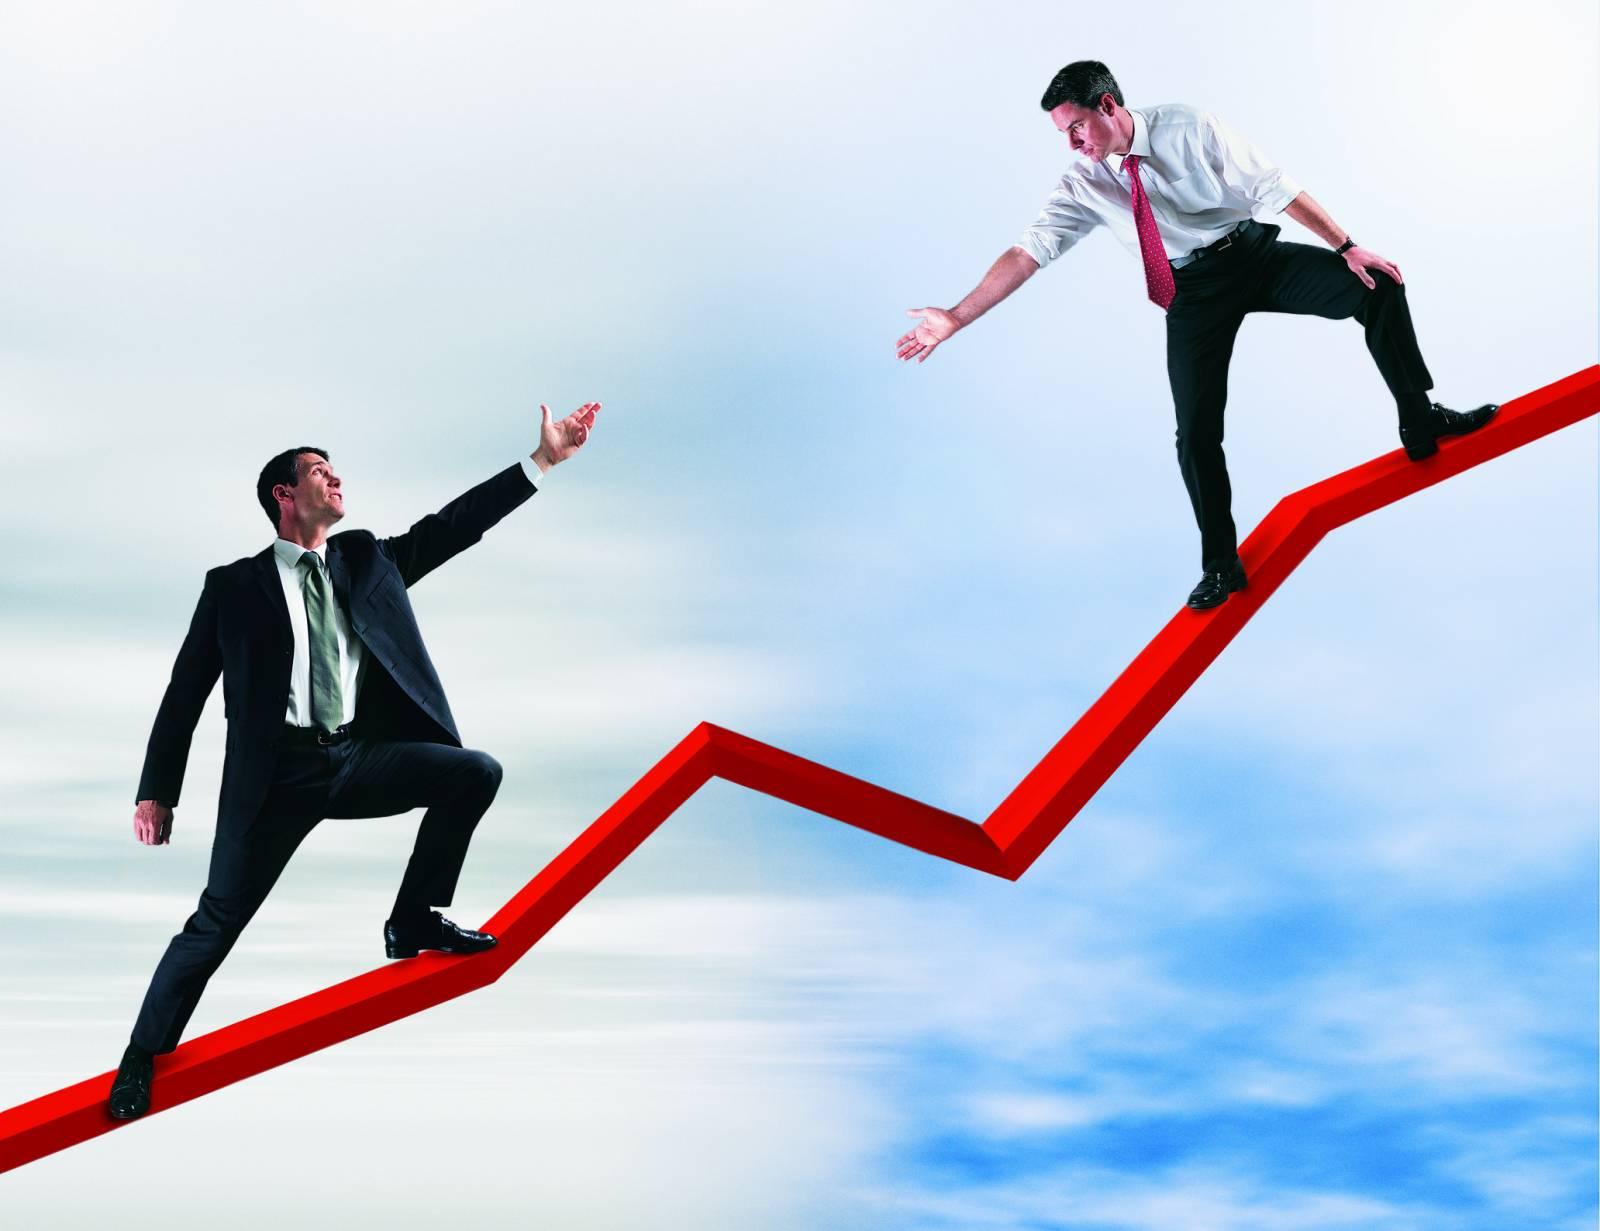 значение бизнеса картинки понять